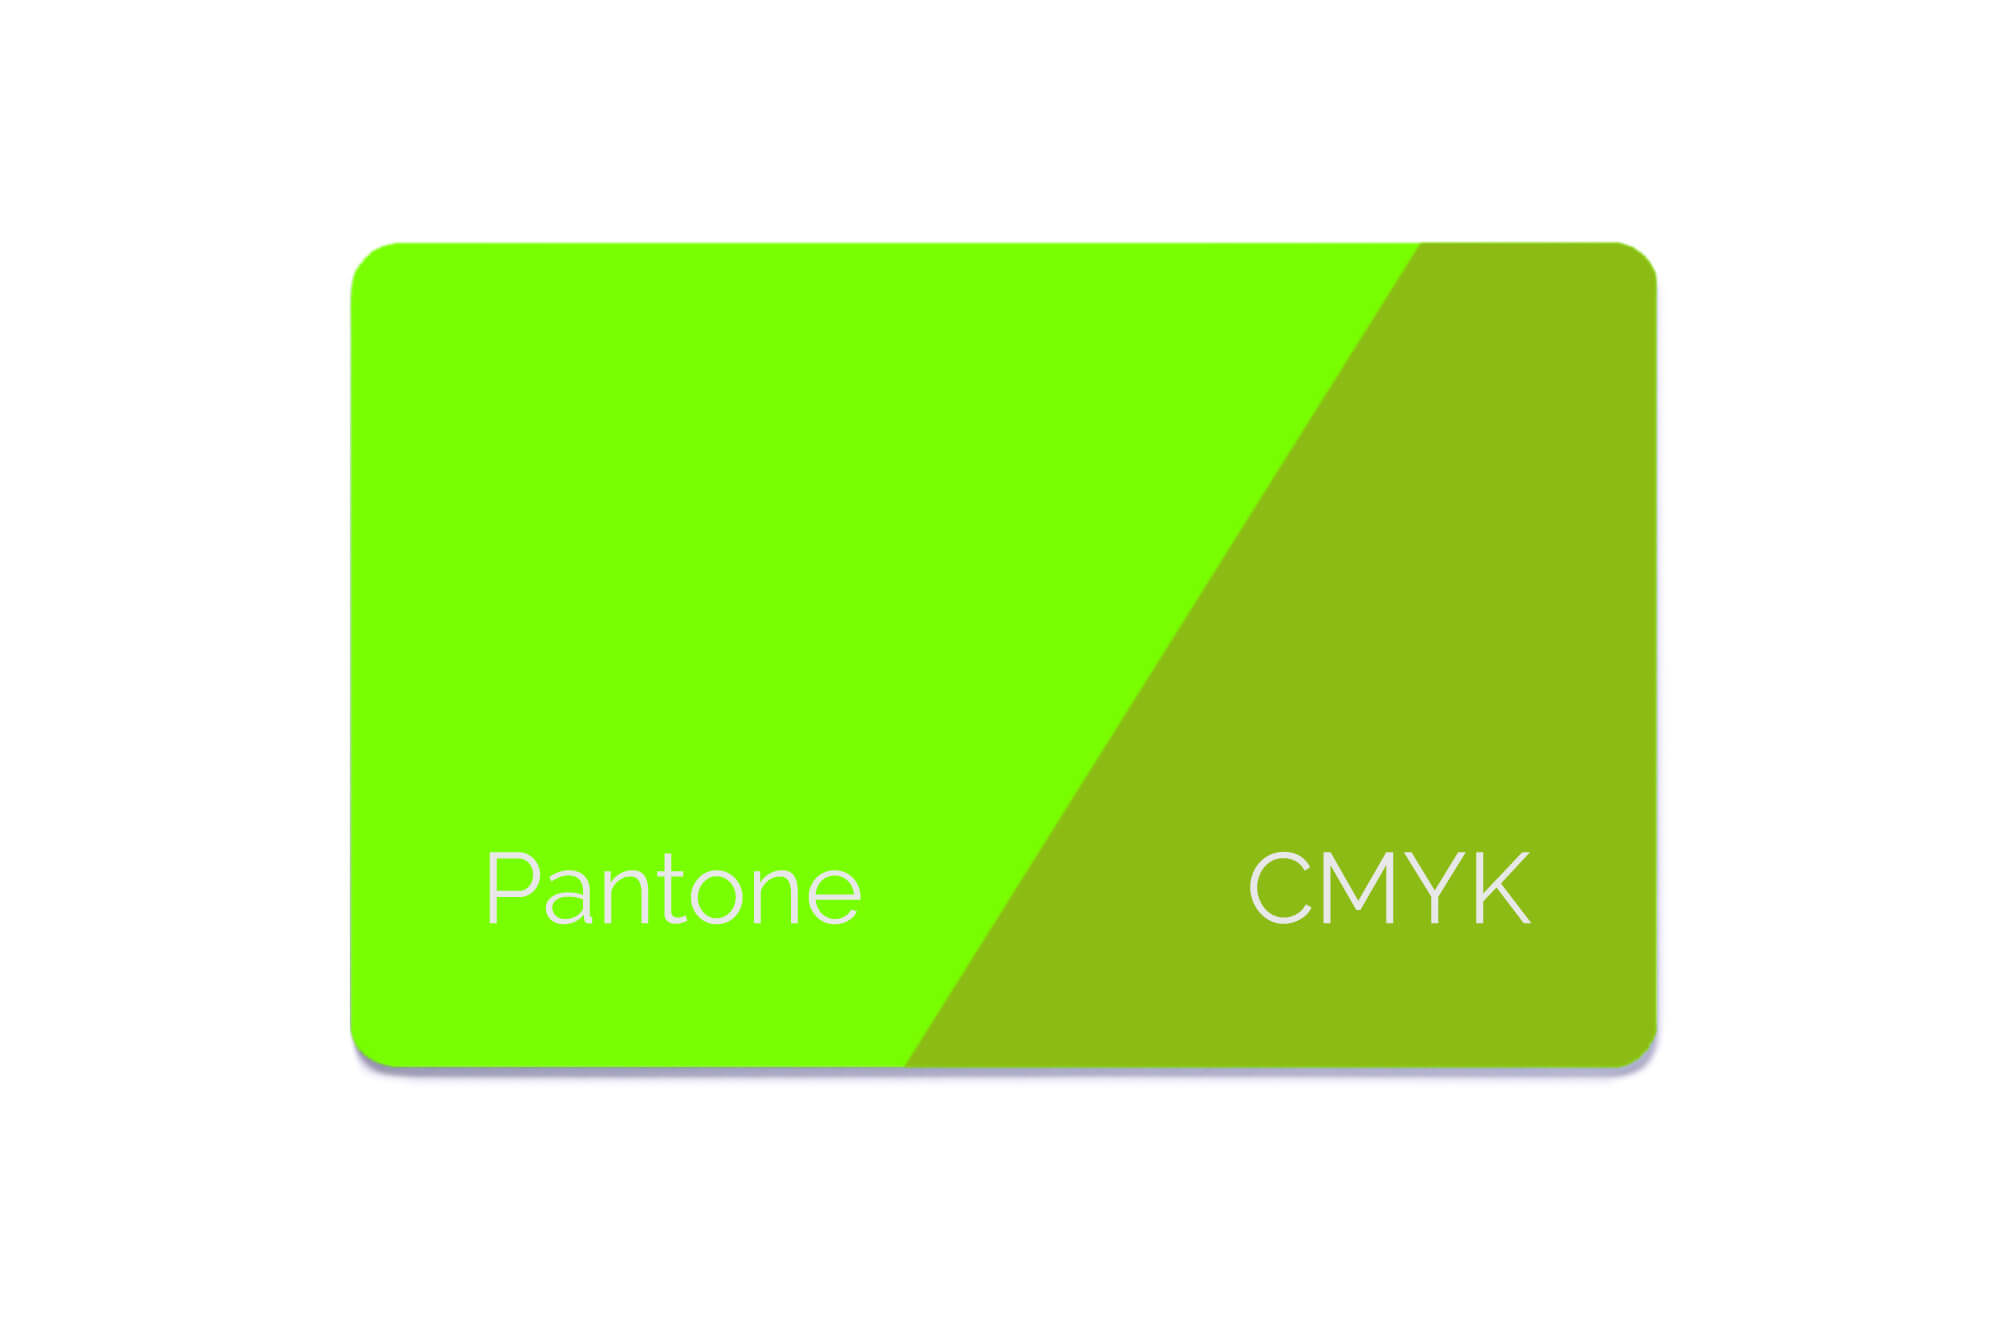 Musterkarte mit Pantonefarben und CMYK im Vergleich